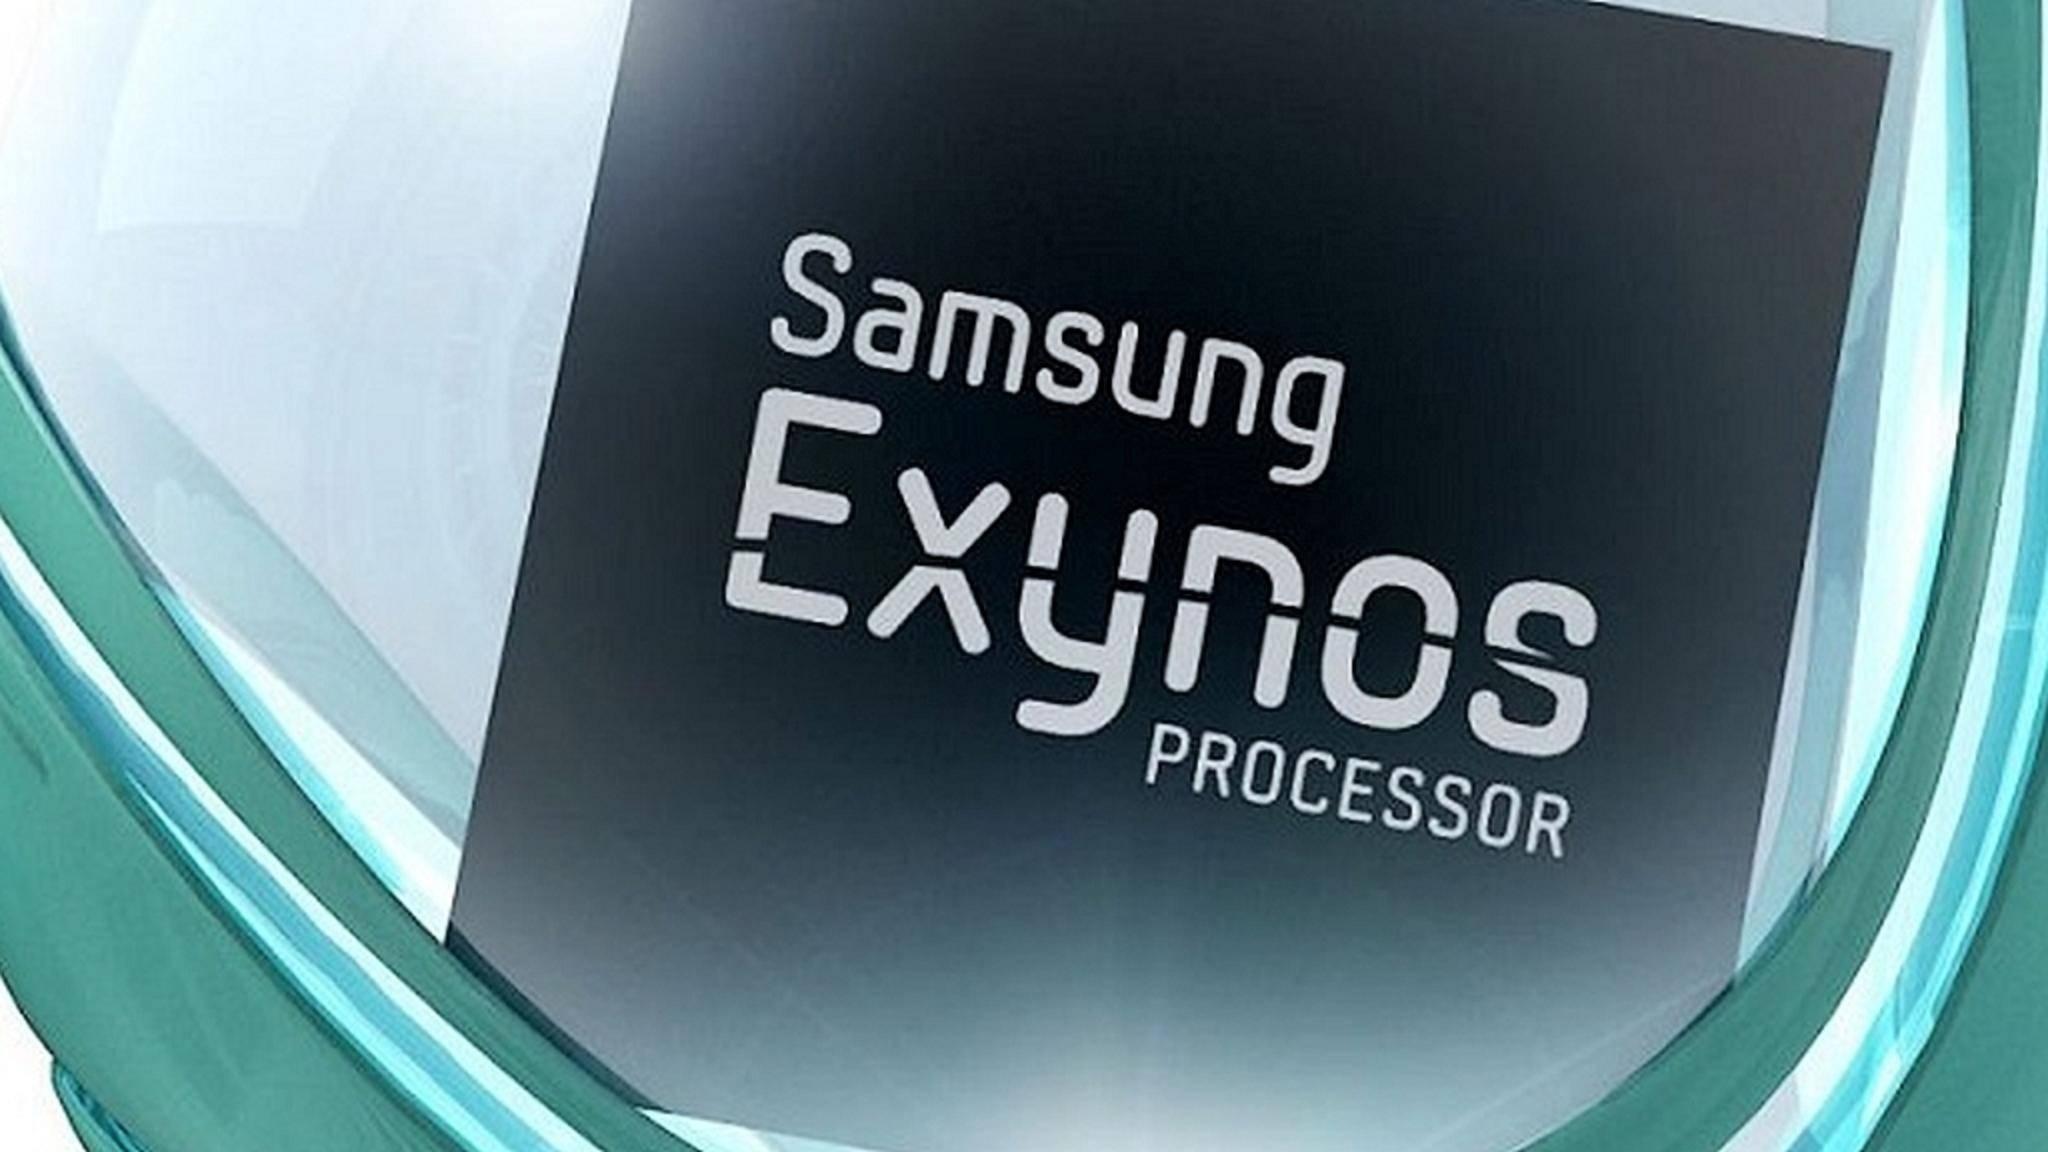 Der Exynos 9810 kommt vermutlich im Galaxy S9 zum Einsatz.